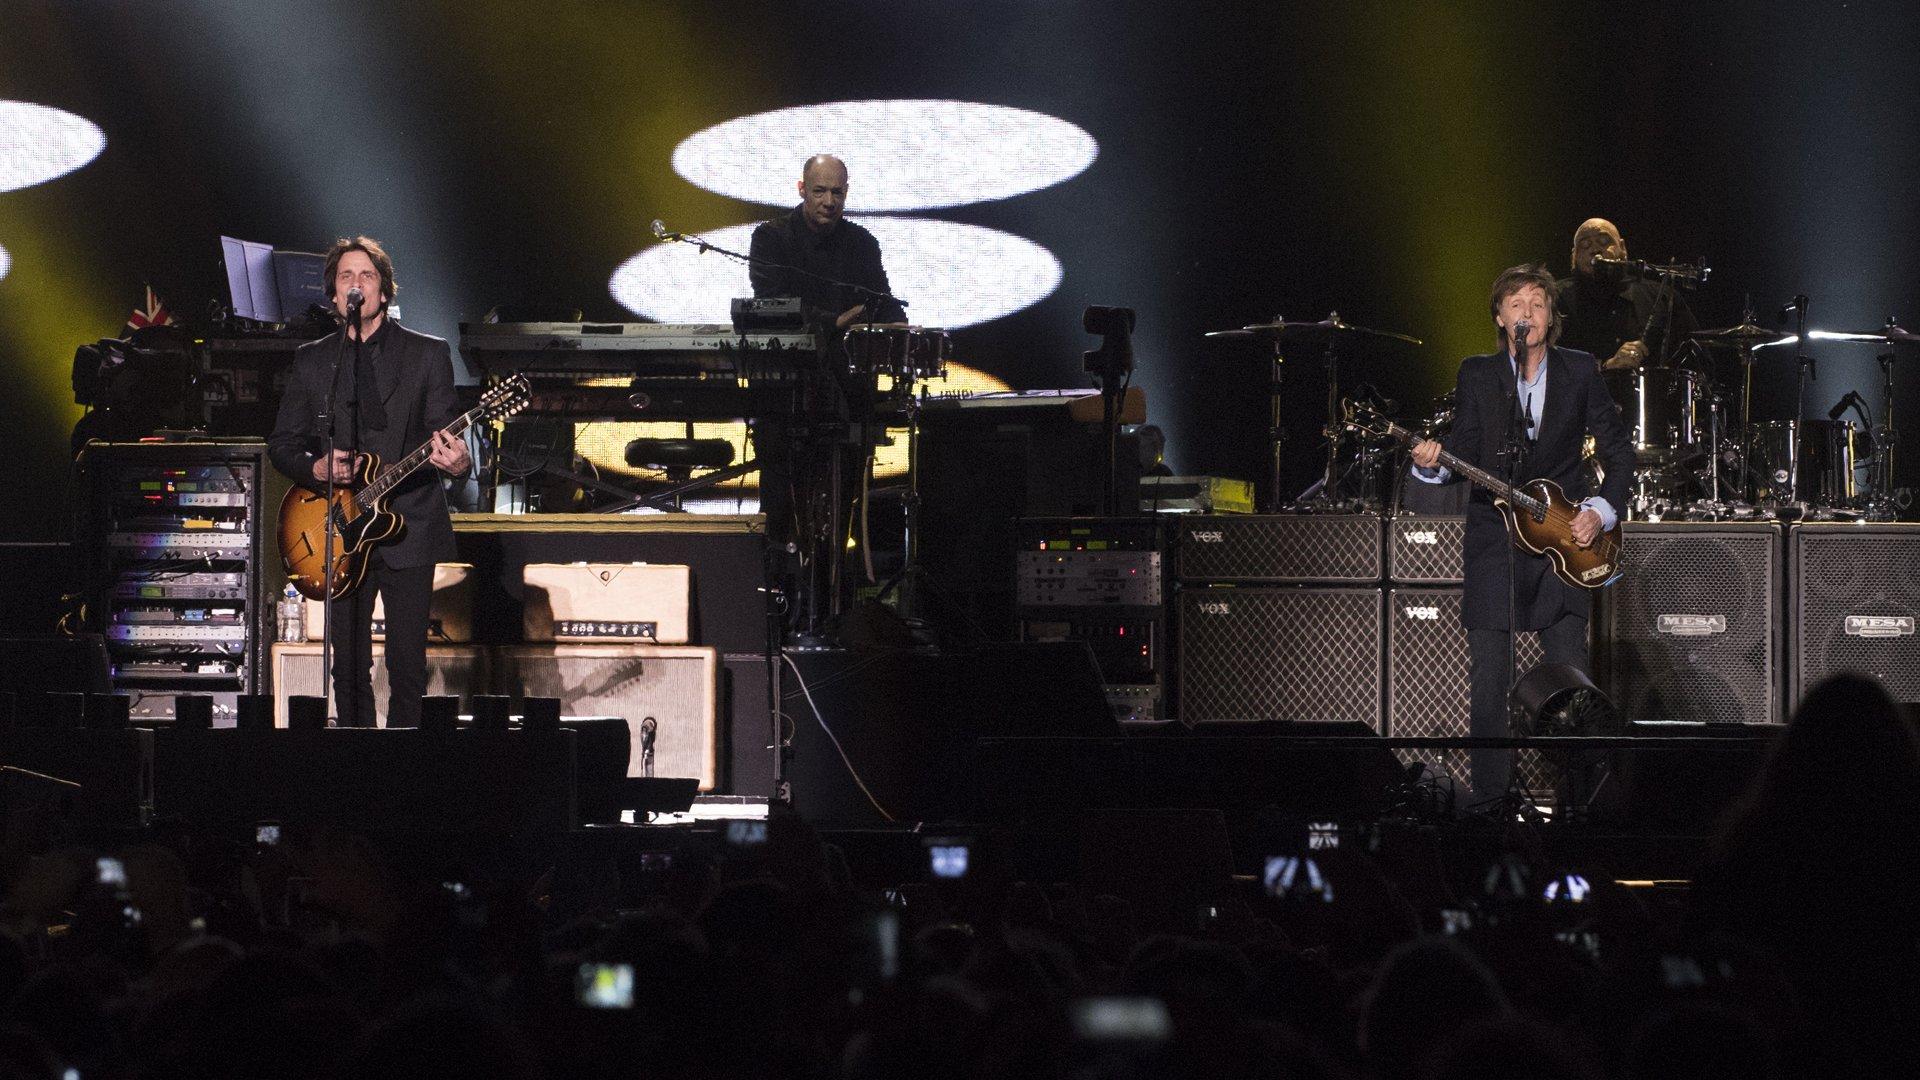 Además, hubo momentos dedicados a Wings, la banda que armó al tiempo de separarse de los Beatles